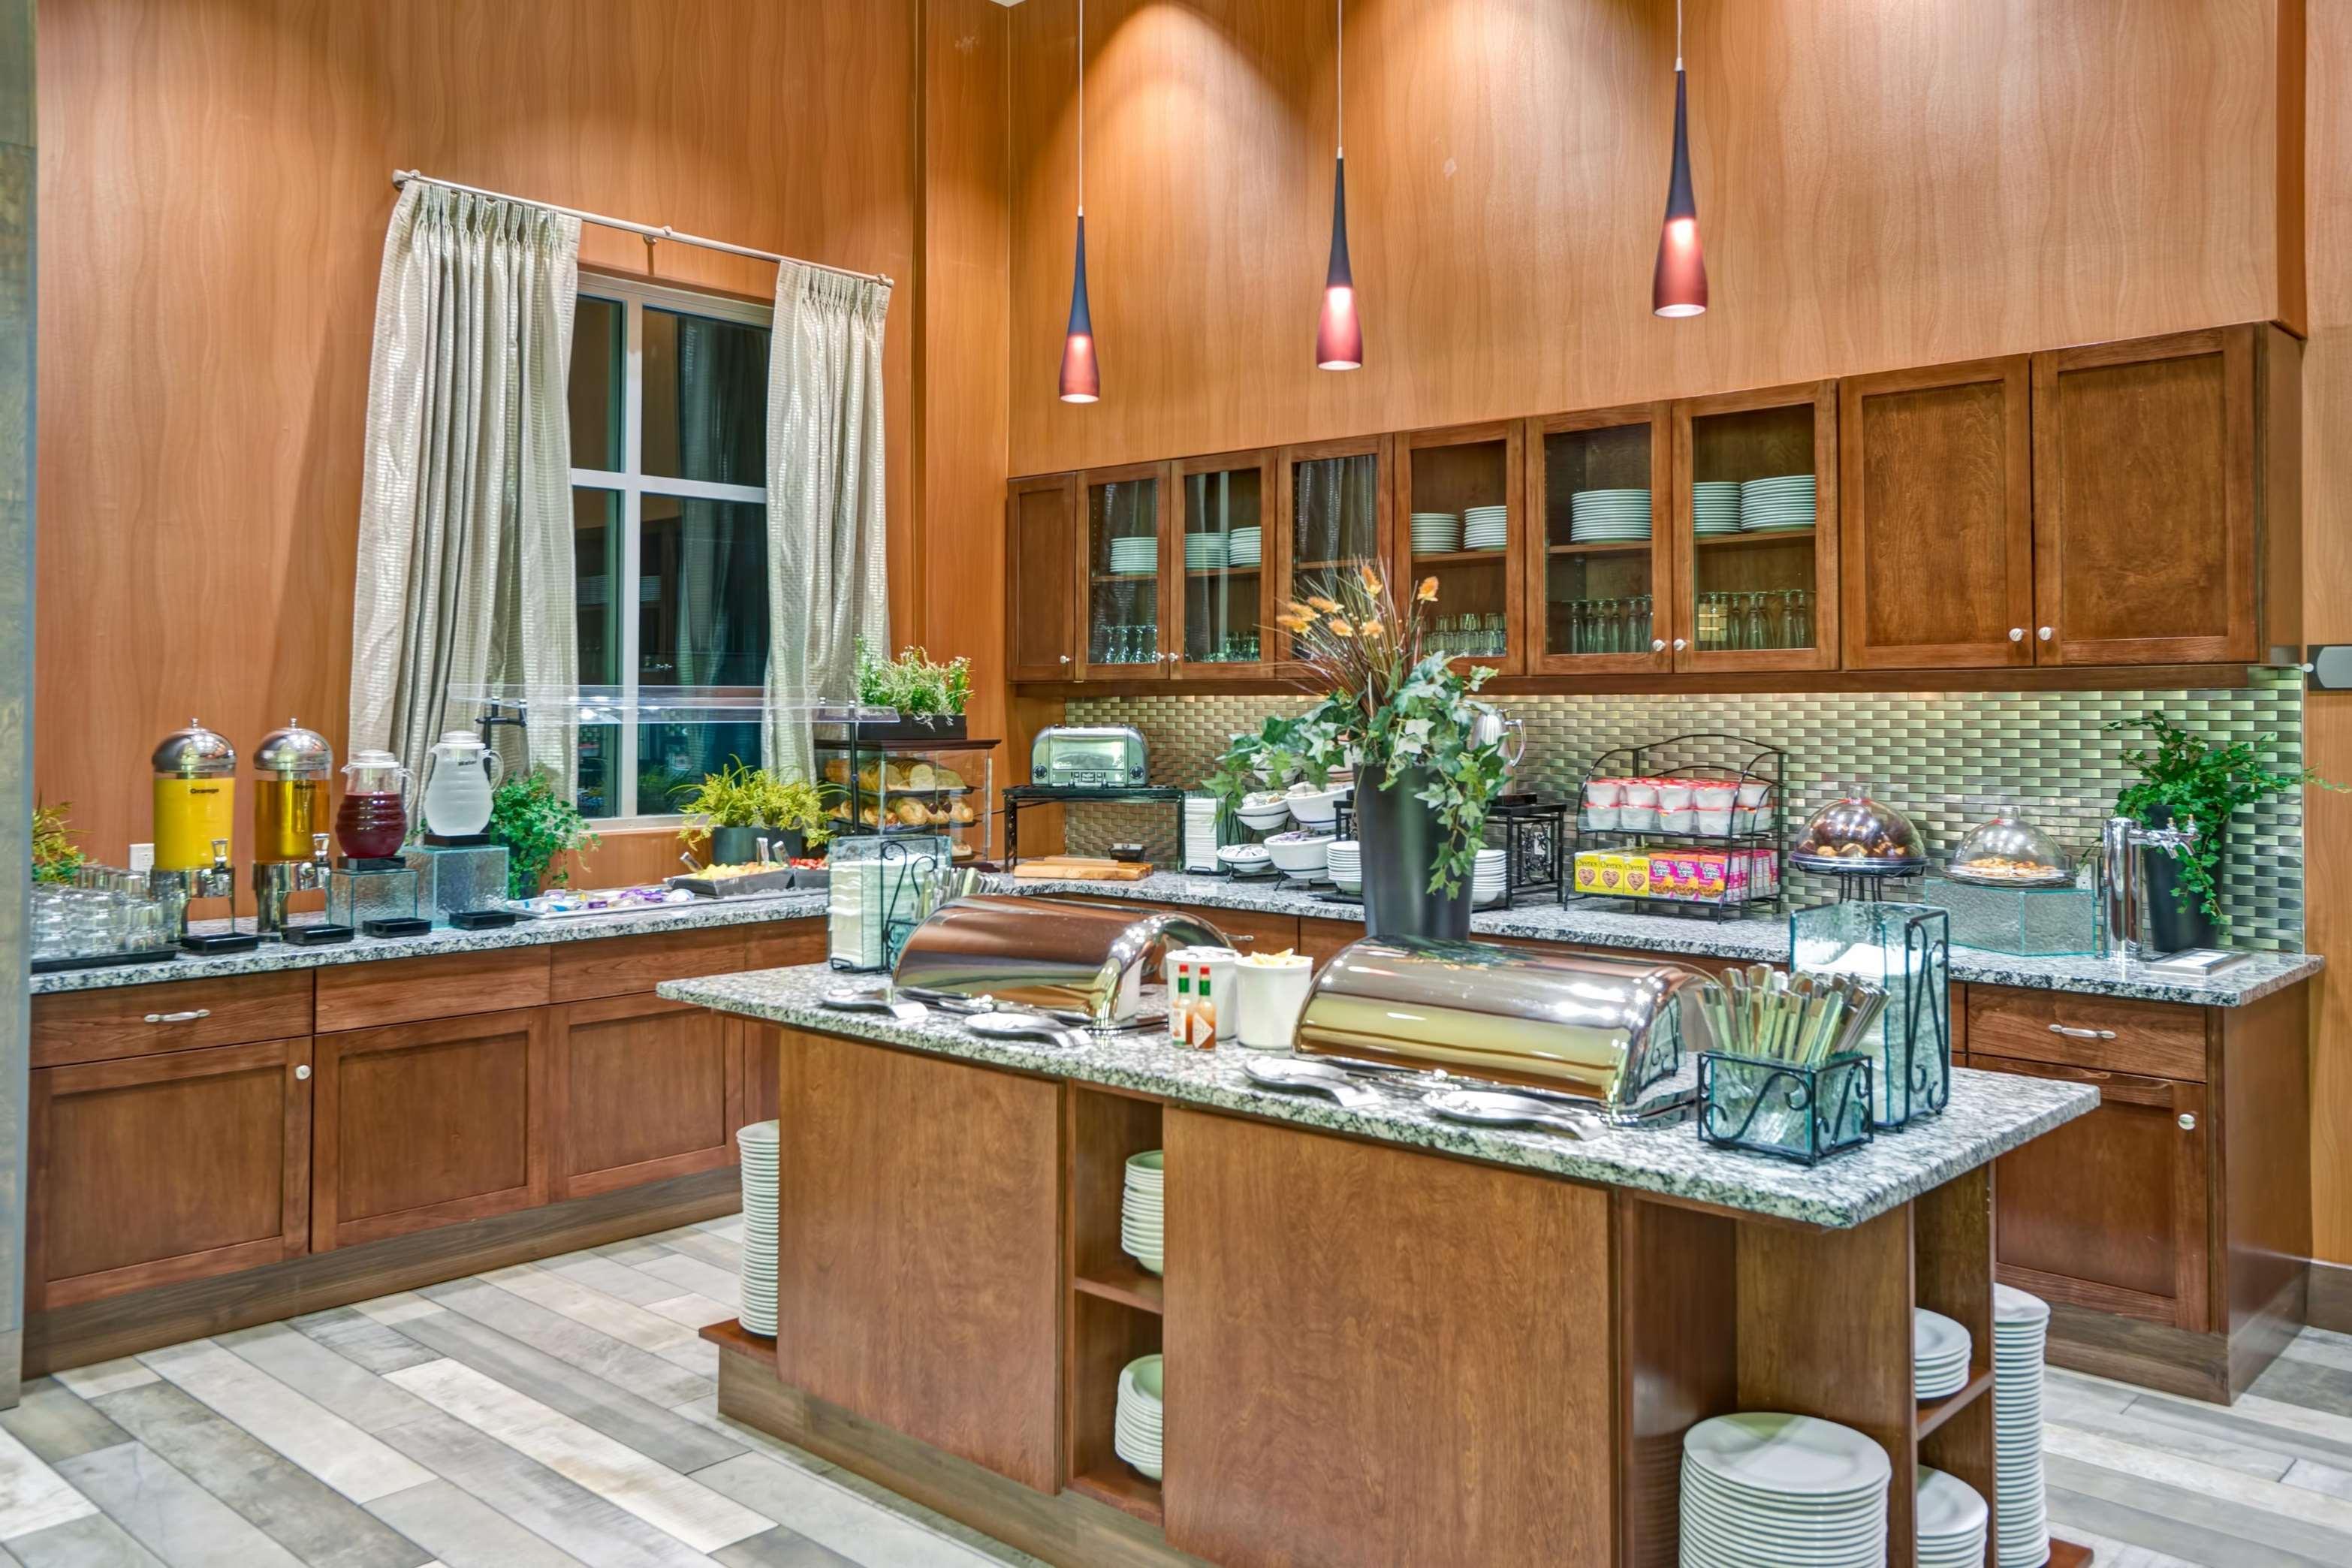 Homewood Suites by Hilton Nashville Franklin Cool Springs image 23